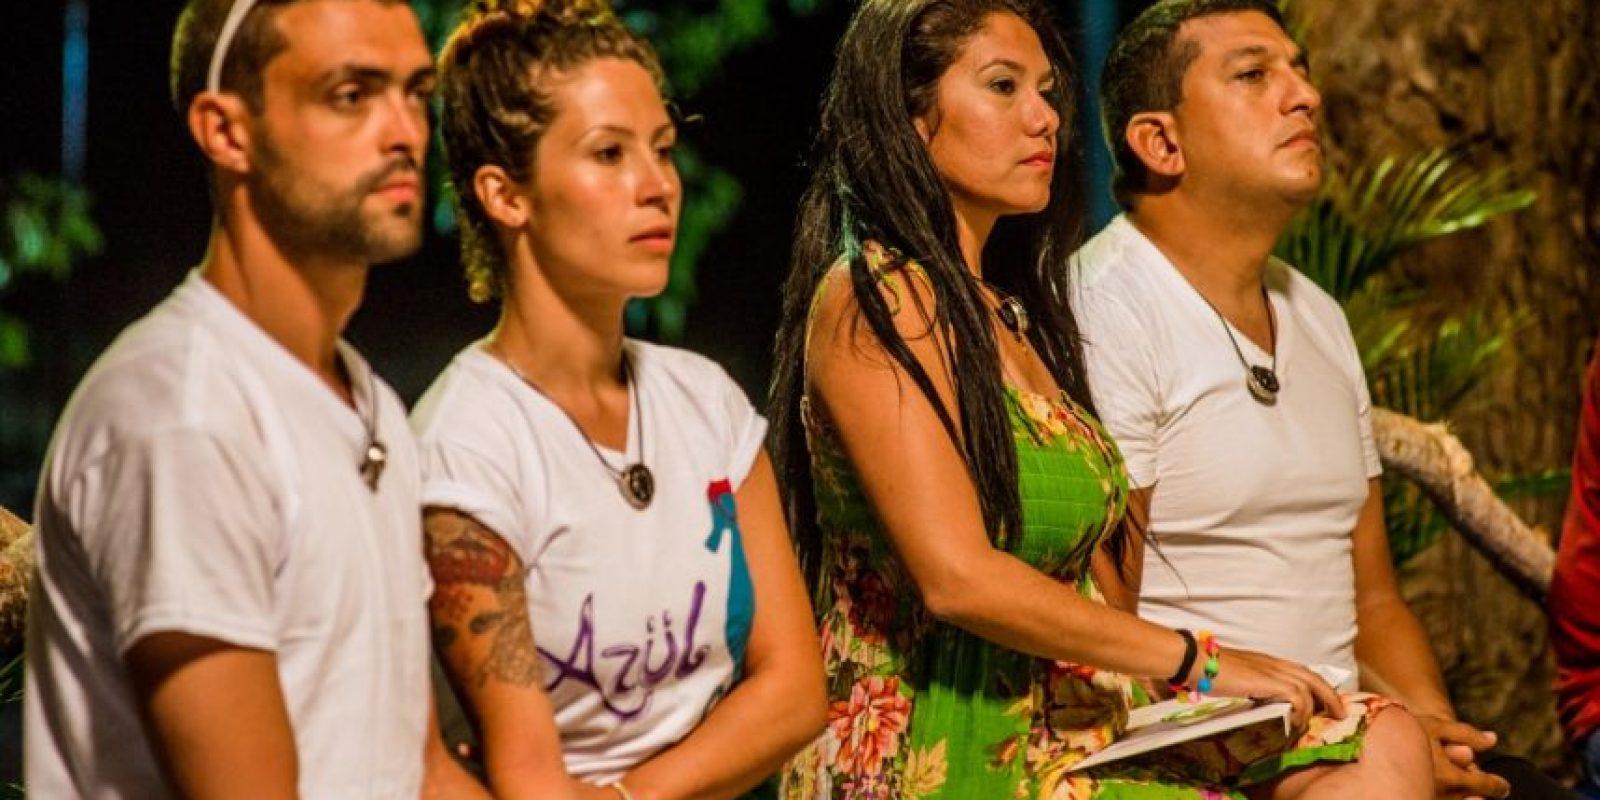 David y Michelle, primeros eliminados de 'Separados'. Foto:Cortesía RCN